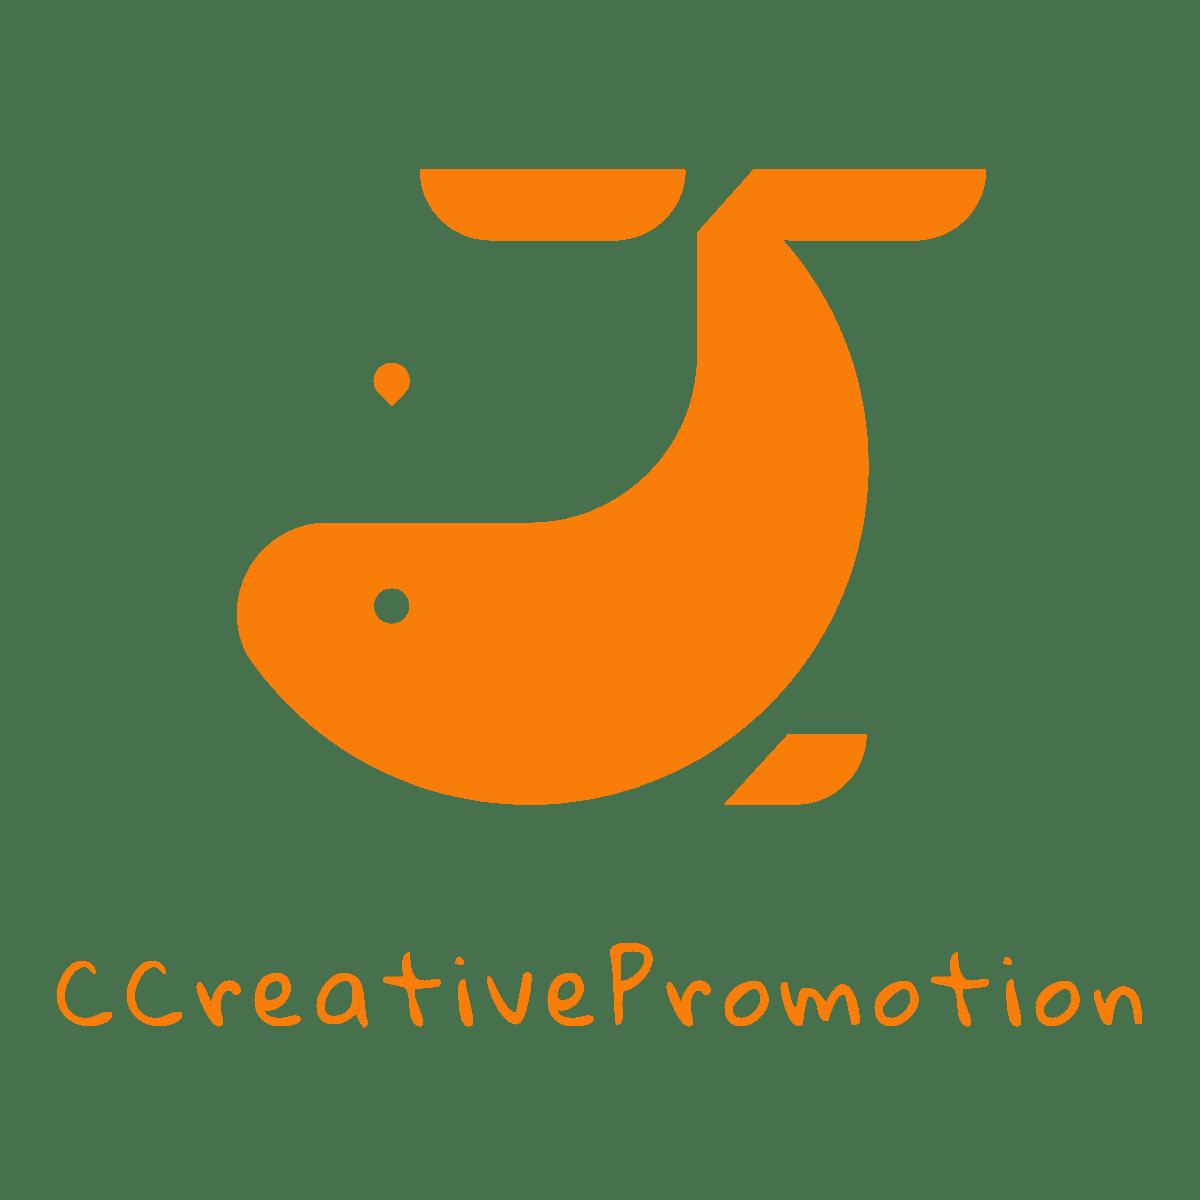 C Creative Promotion シークリエイティブプロモーション